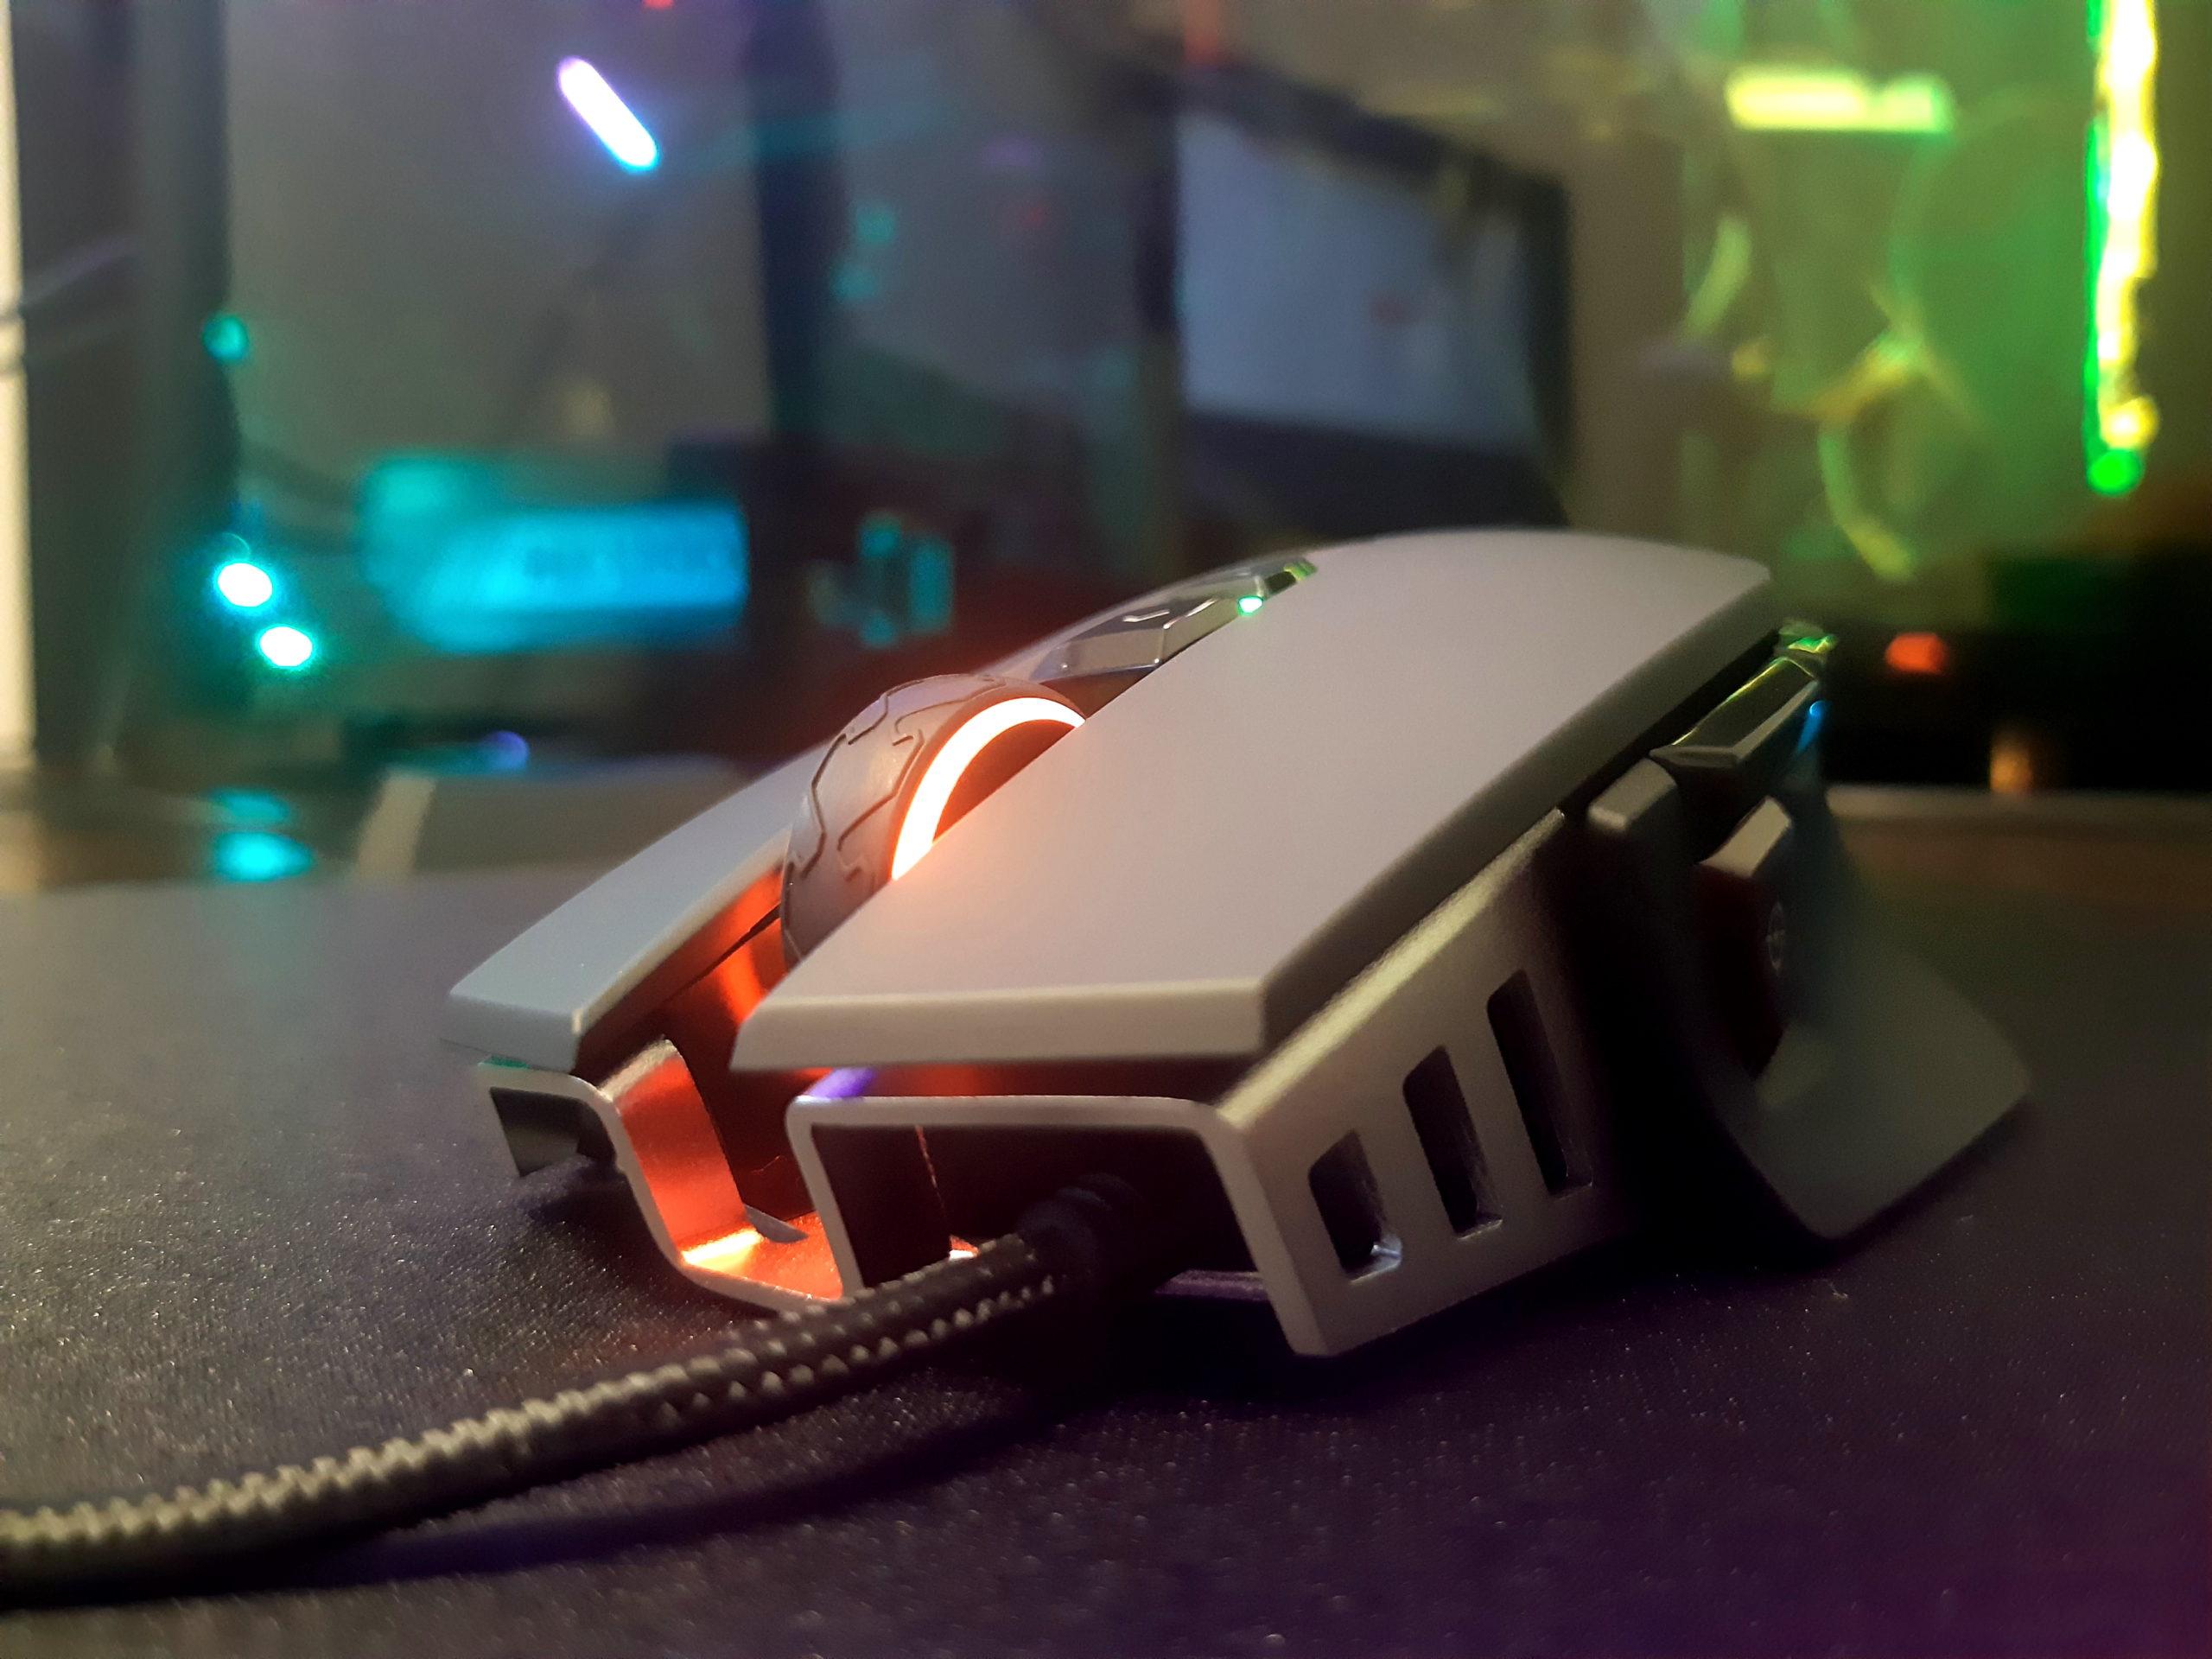 Мышь проводная CORSAIR M65 RGB ELITE на коврике от CORSAIR MM800 RGB Polaris Mouse Pad Cloth Edition